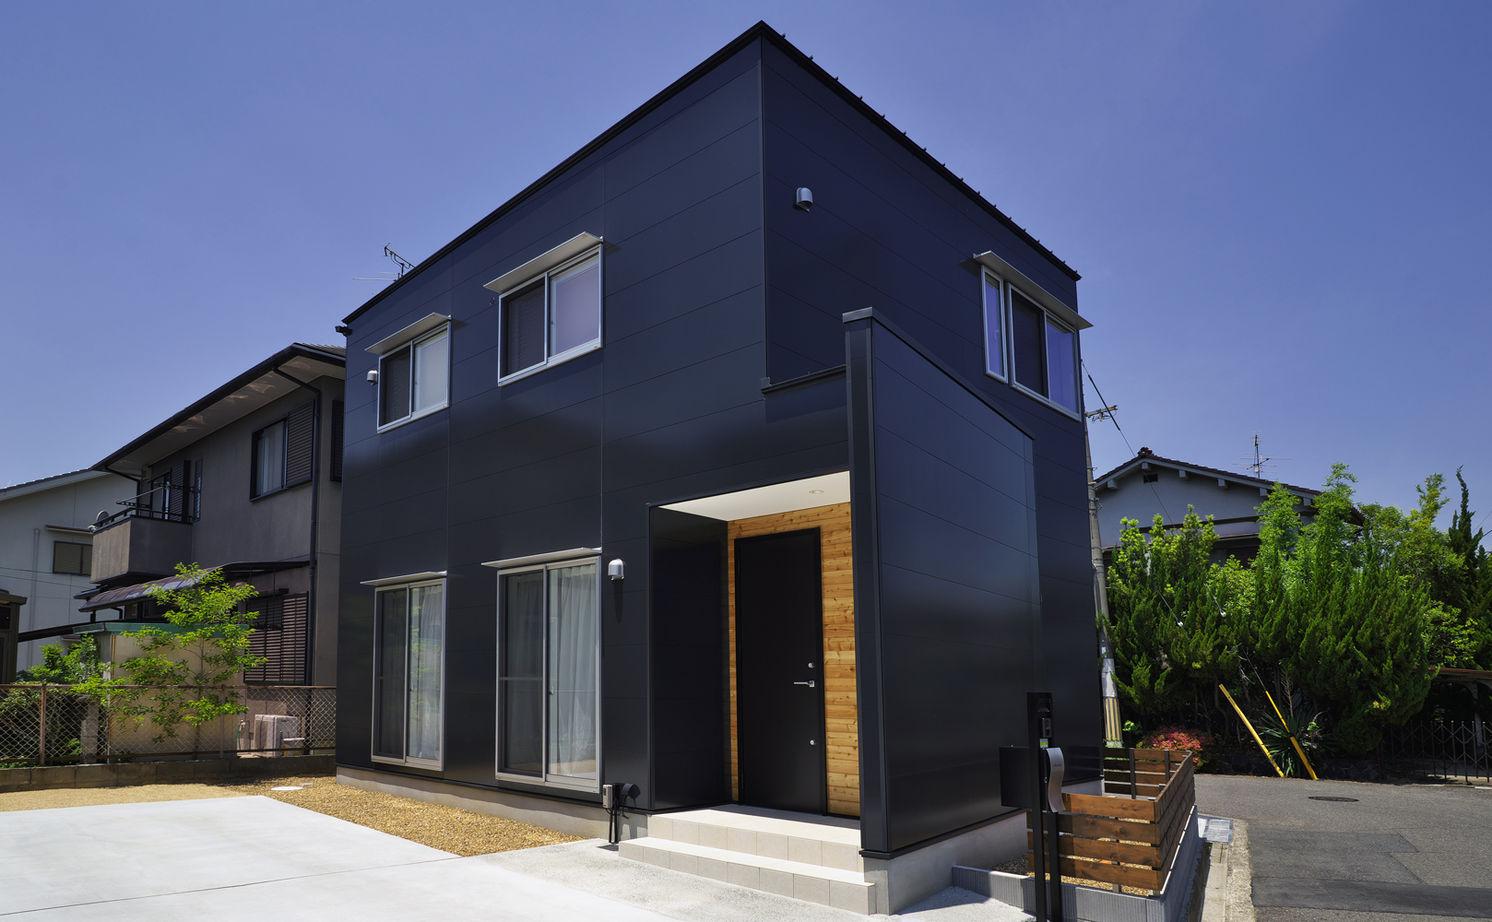 1000万円台で叶えた建築家デザイン。変形地を活かし、どの角度から見ても絵になる家画像1